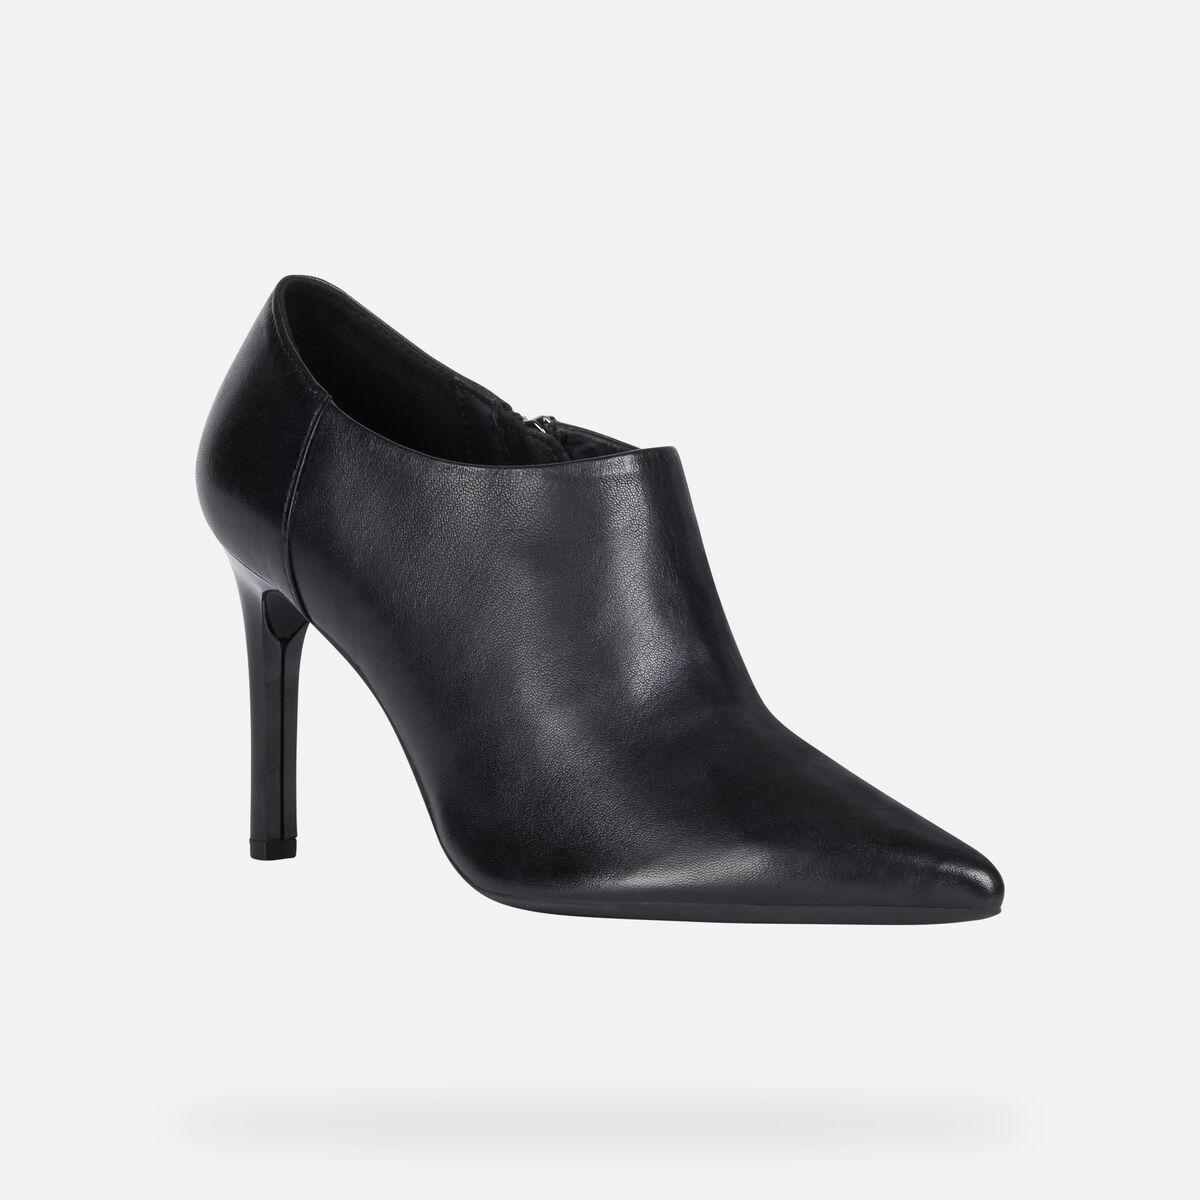 giày ankle boots geox - quà tặng giáng sinh 2019